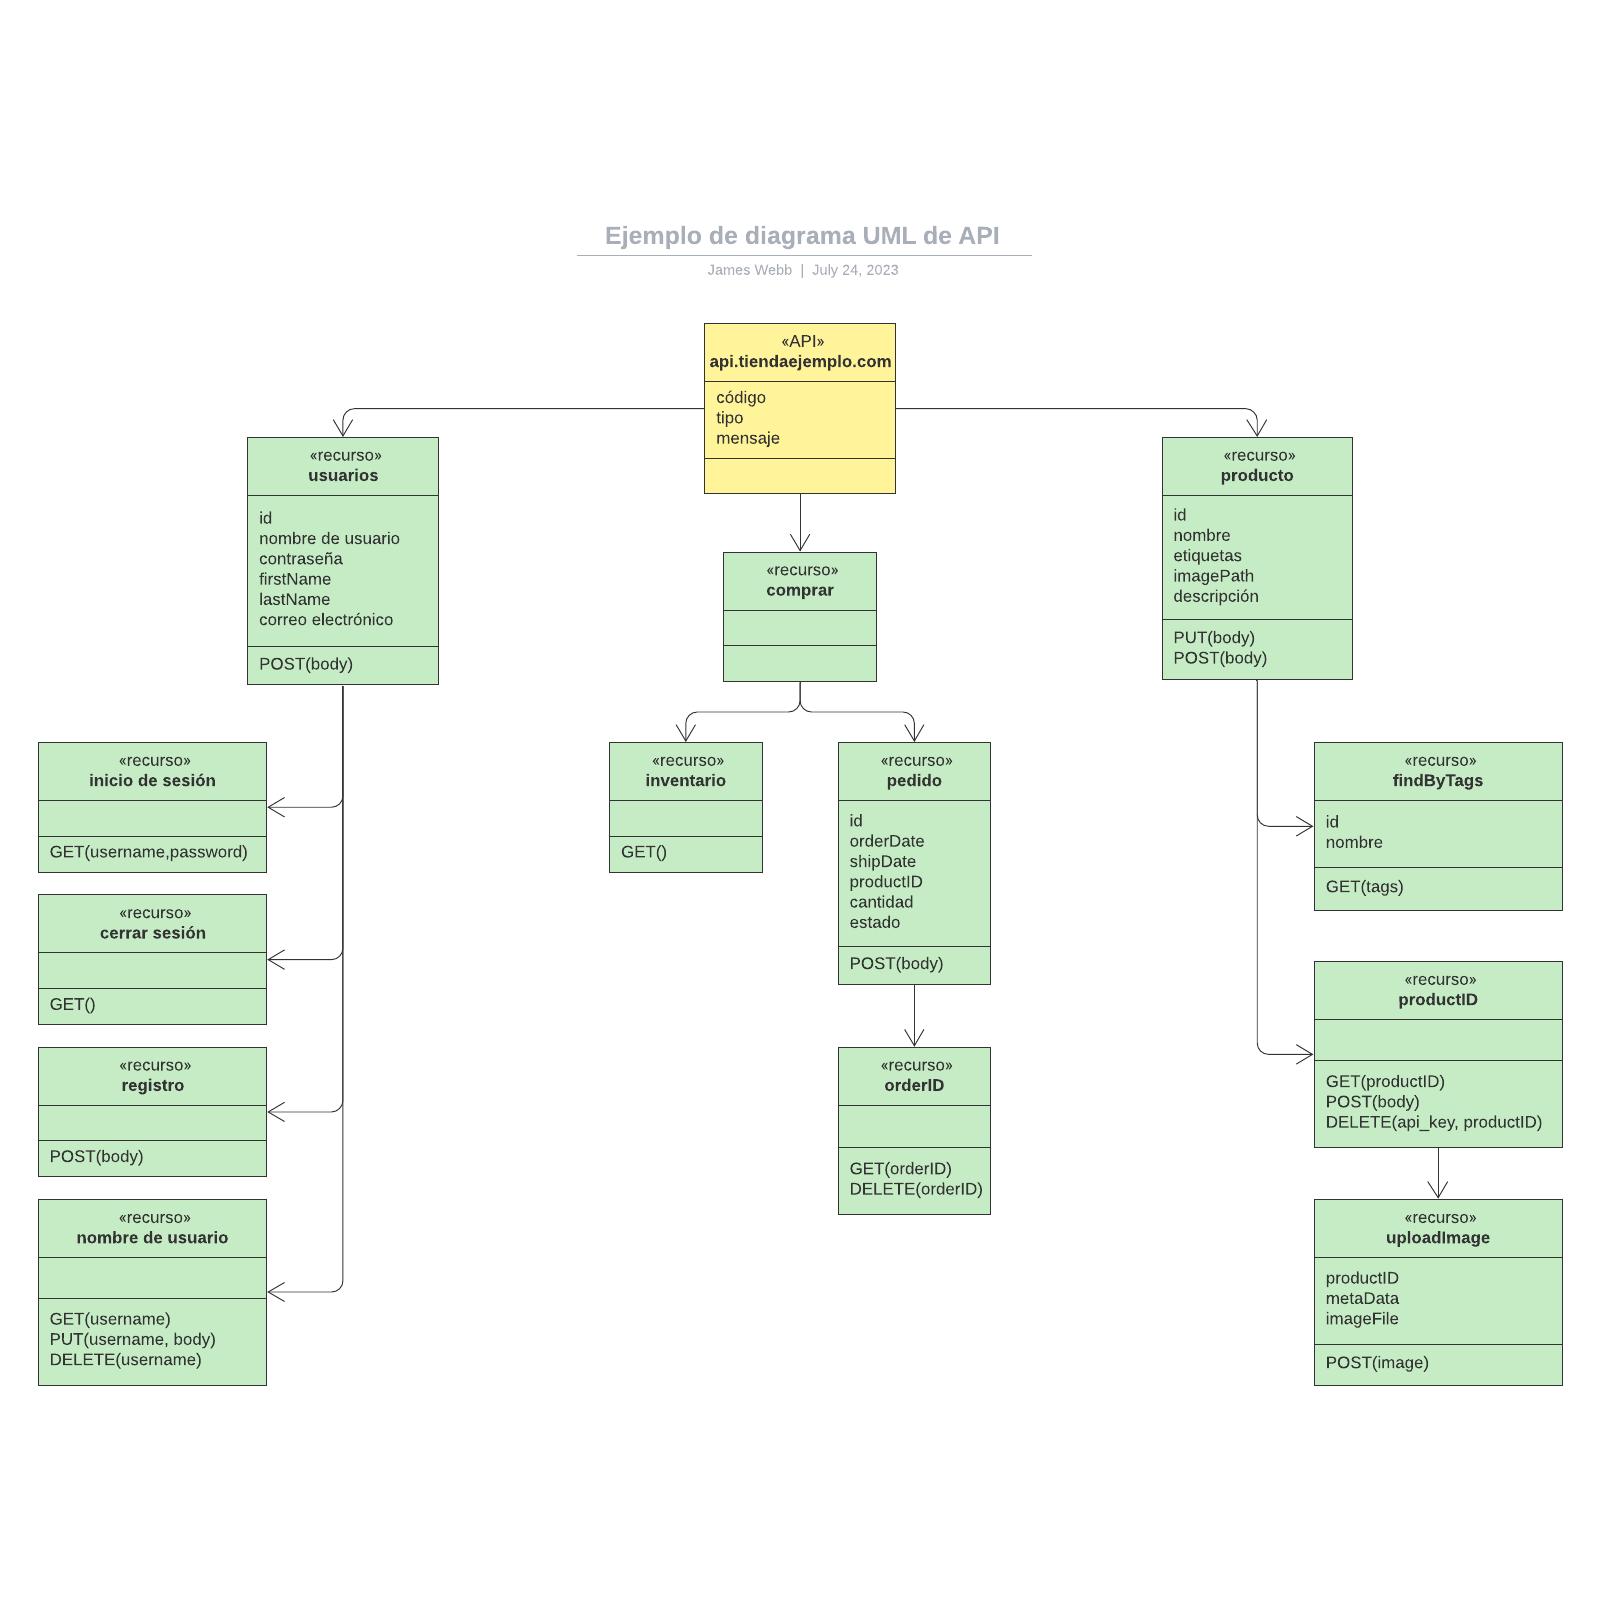 Ejemplo de diagrama UML de API